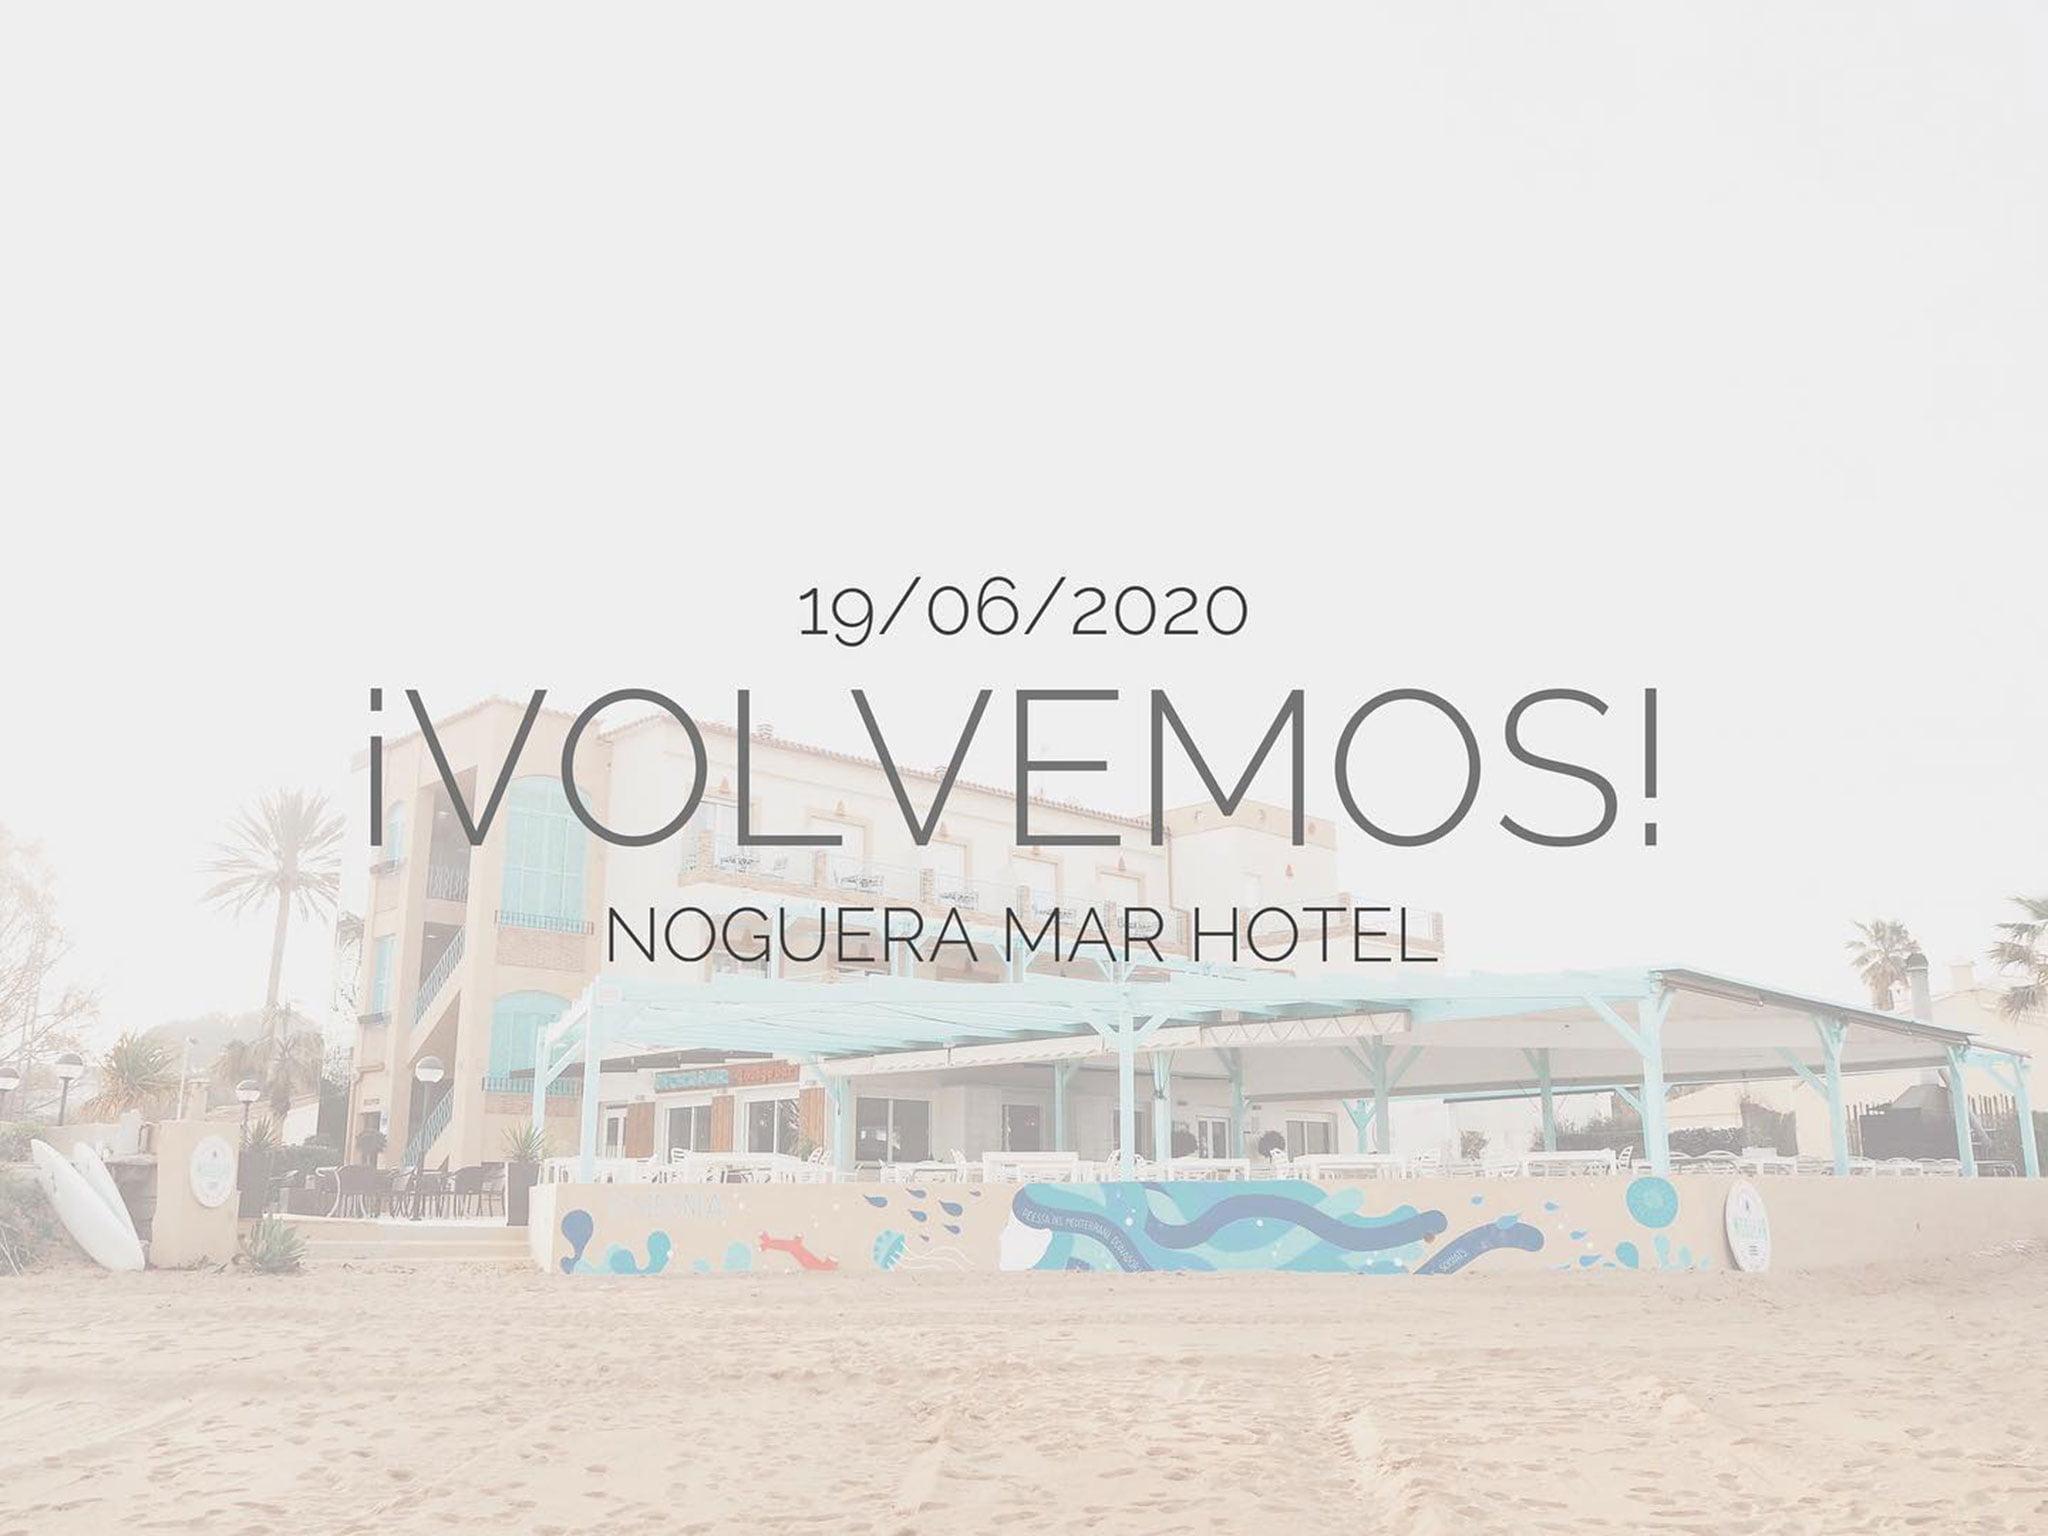 Noguera Mar Hotel abre de nuevo sus puertas